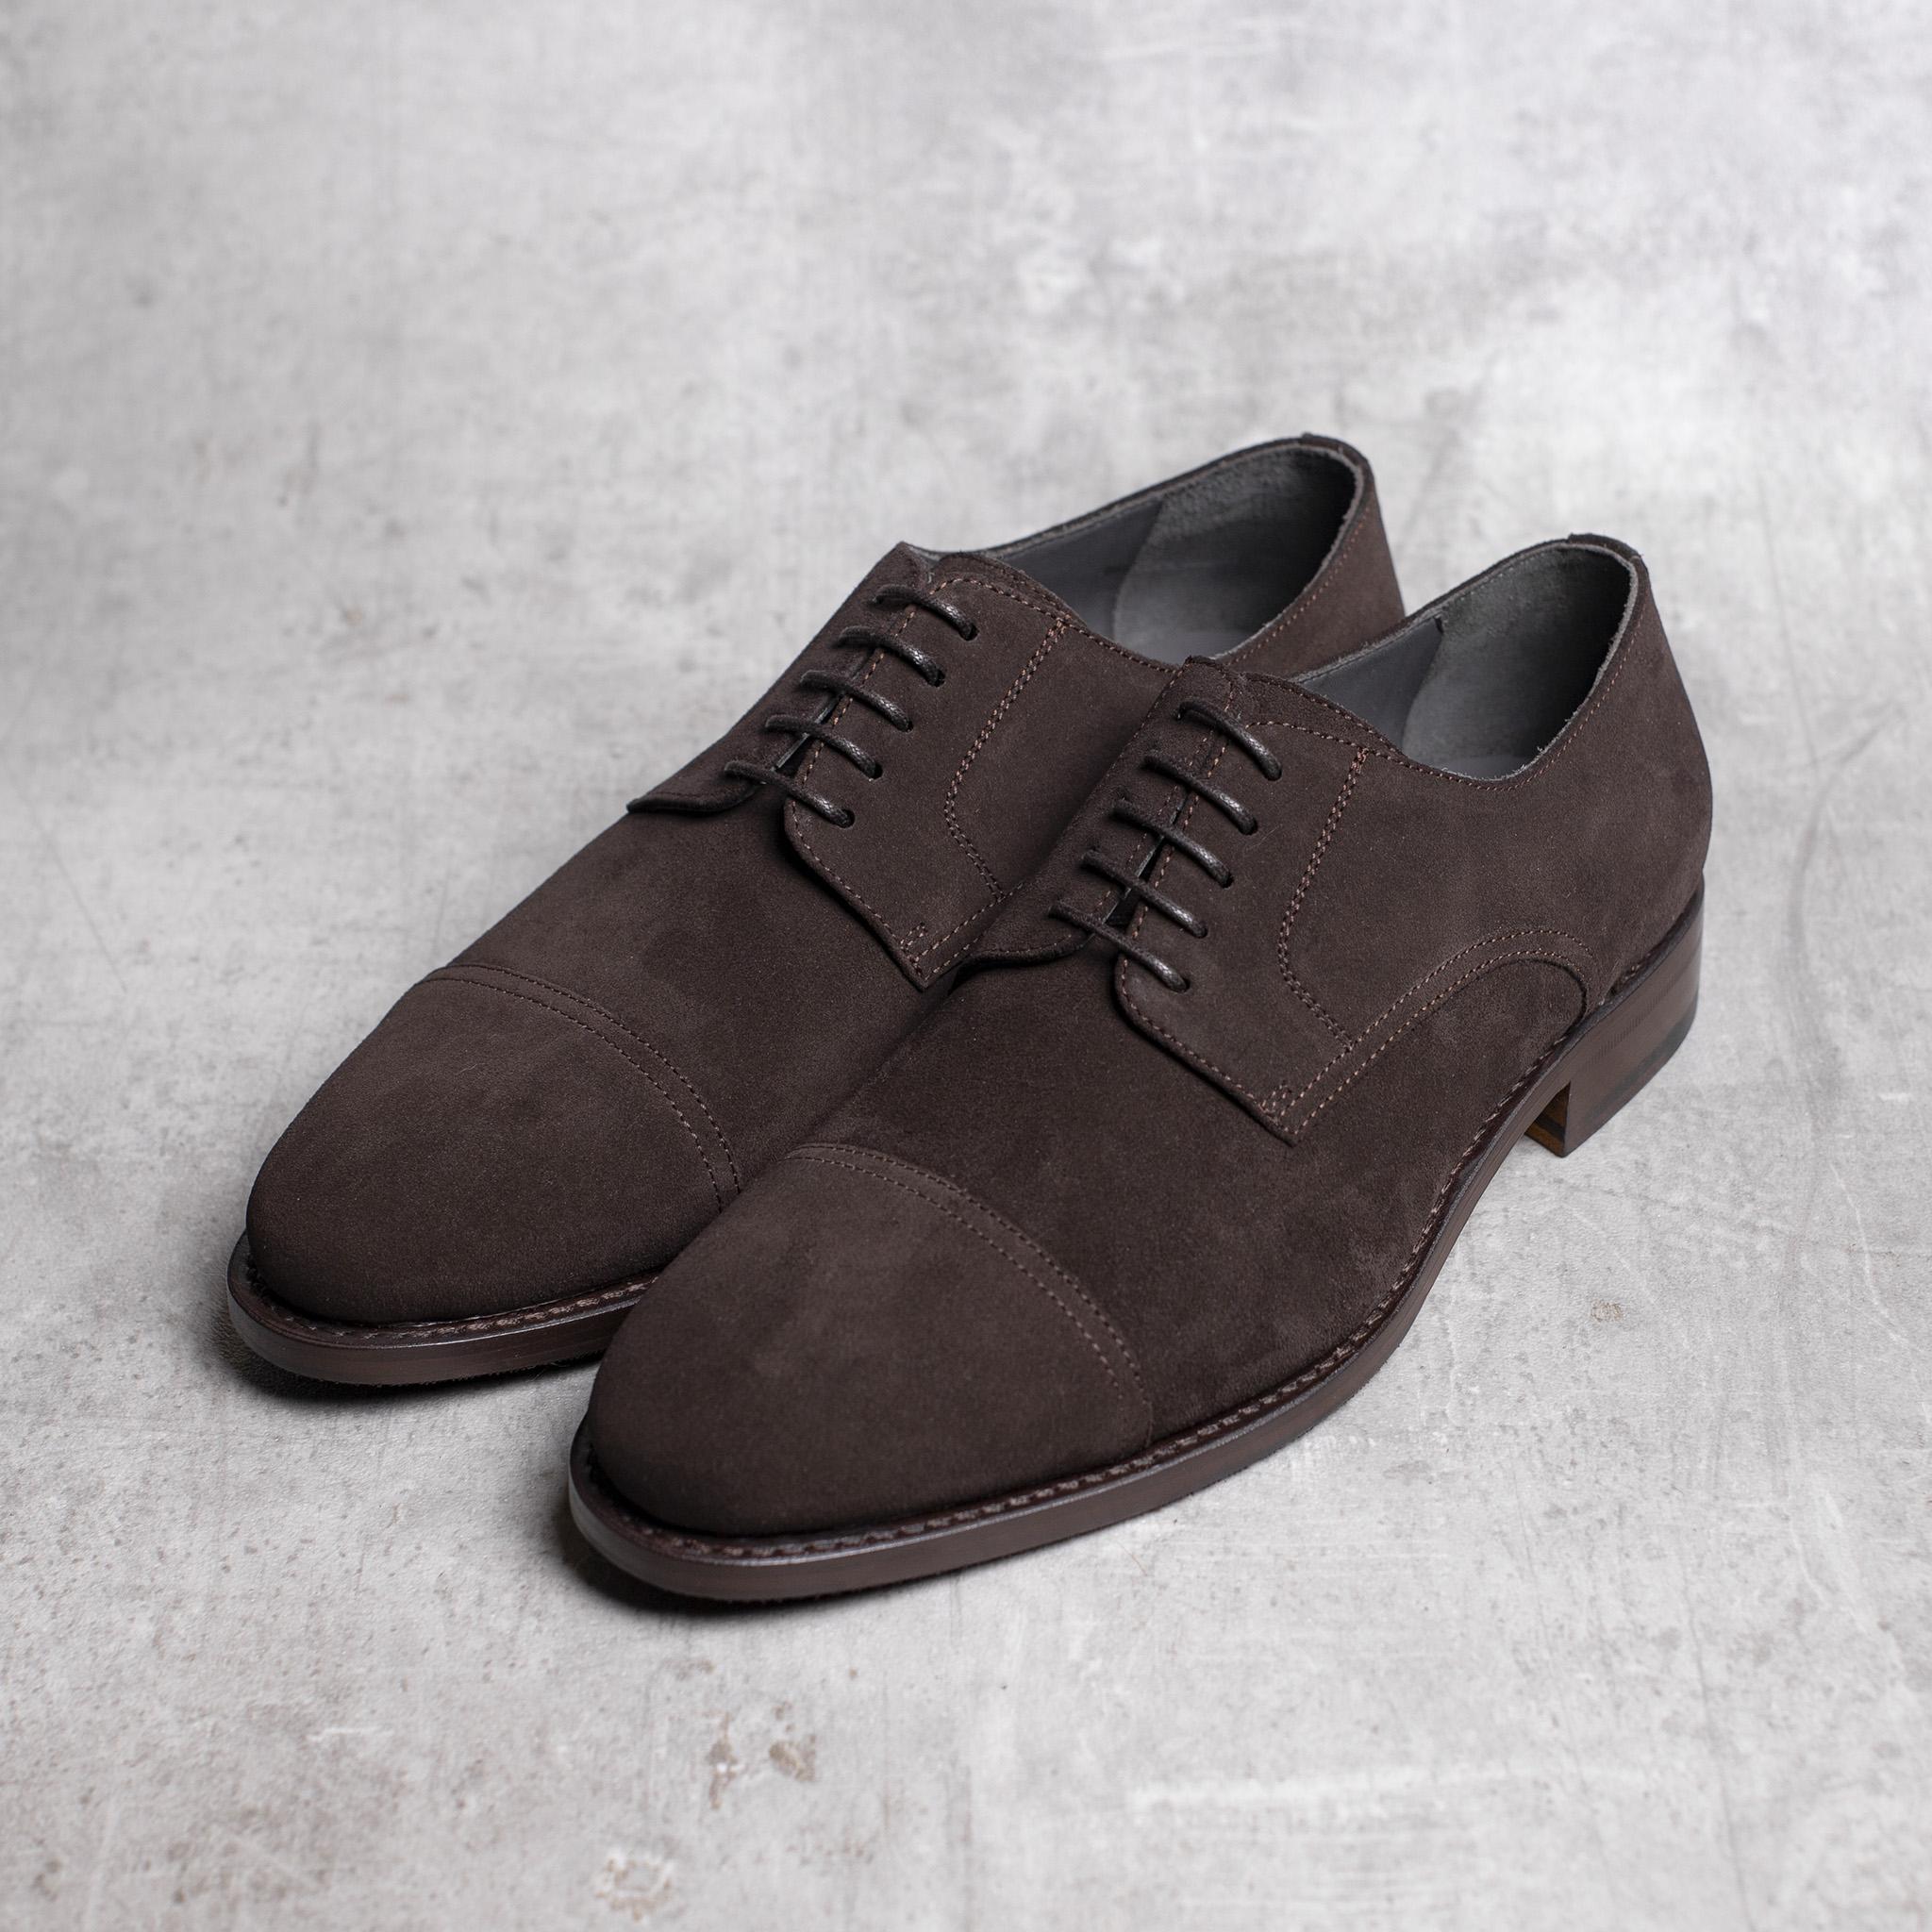 DERBY · 0649 Split Suede leather dark brown The Seëlk 2